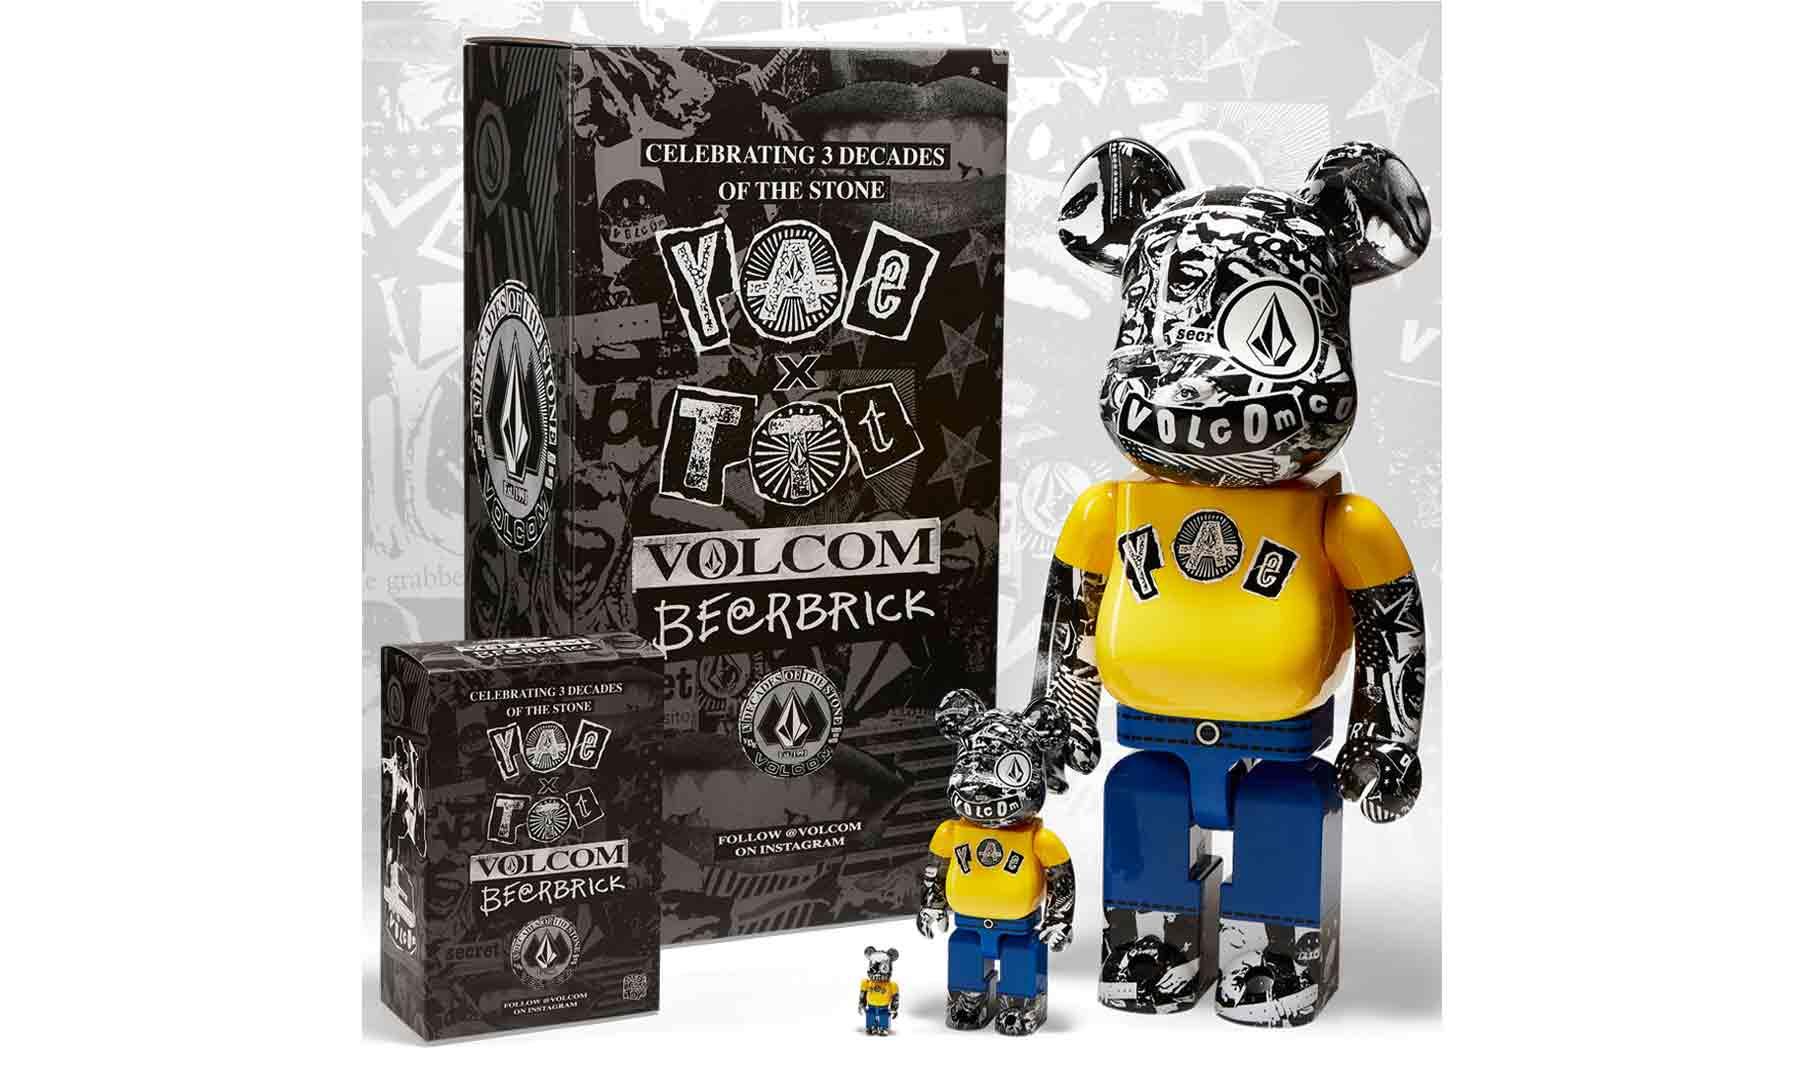 致敬 VOLCOM 30 周年,VOLCOM x BE@RBRICK 联名潮玩全球首发